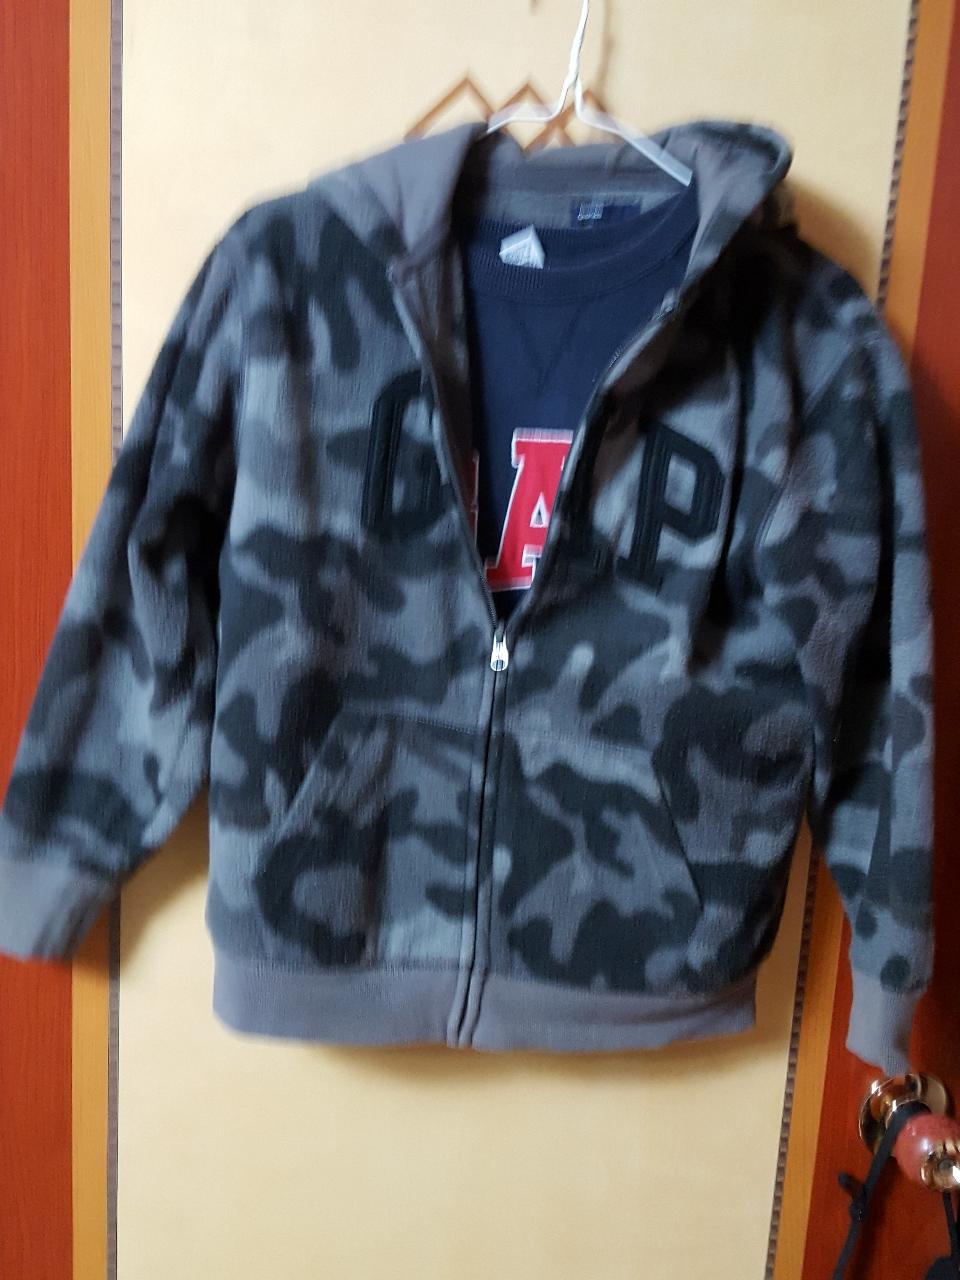 GAP 티셔츠+GAP 후드 자켓 두벌